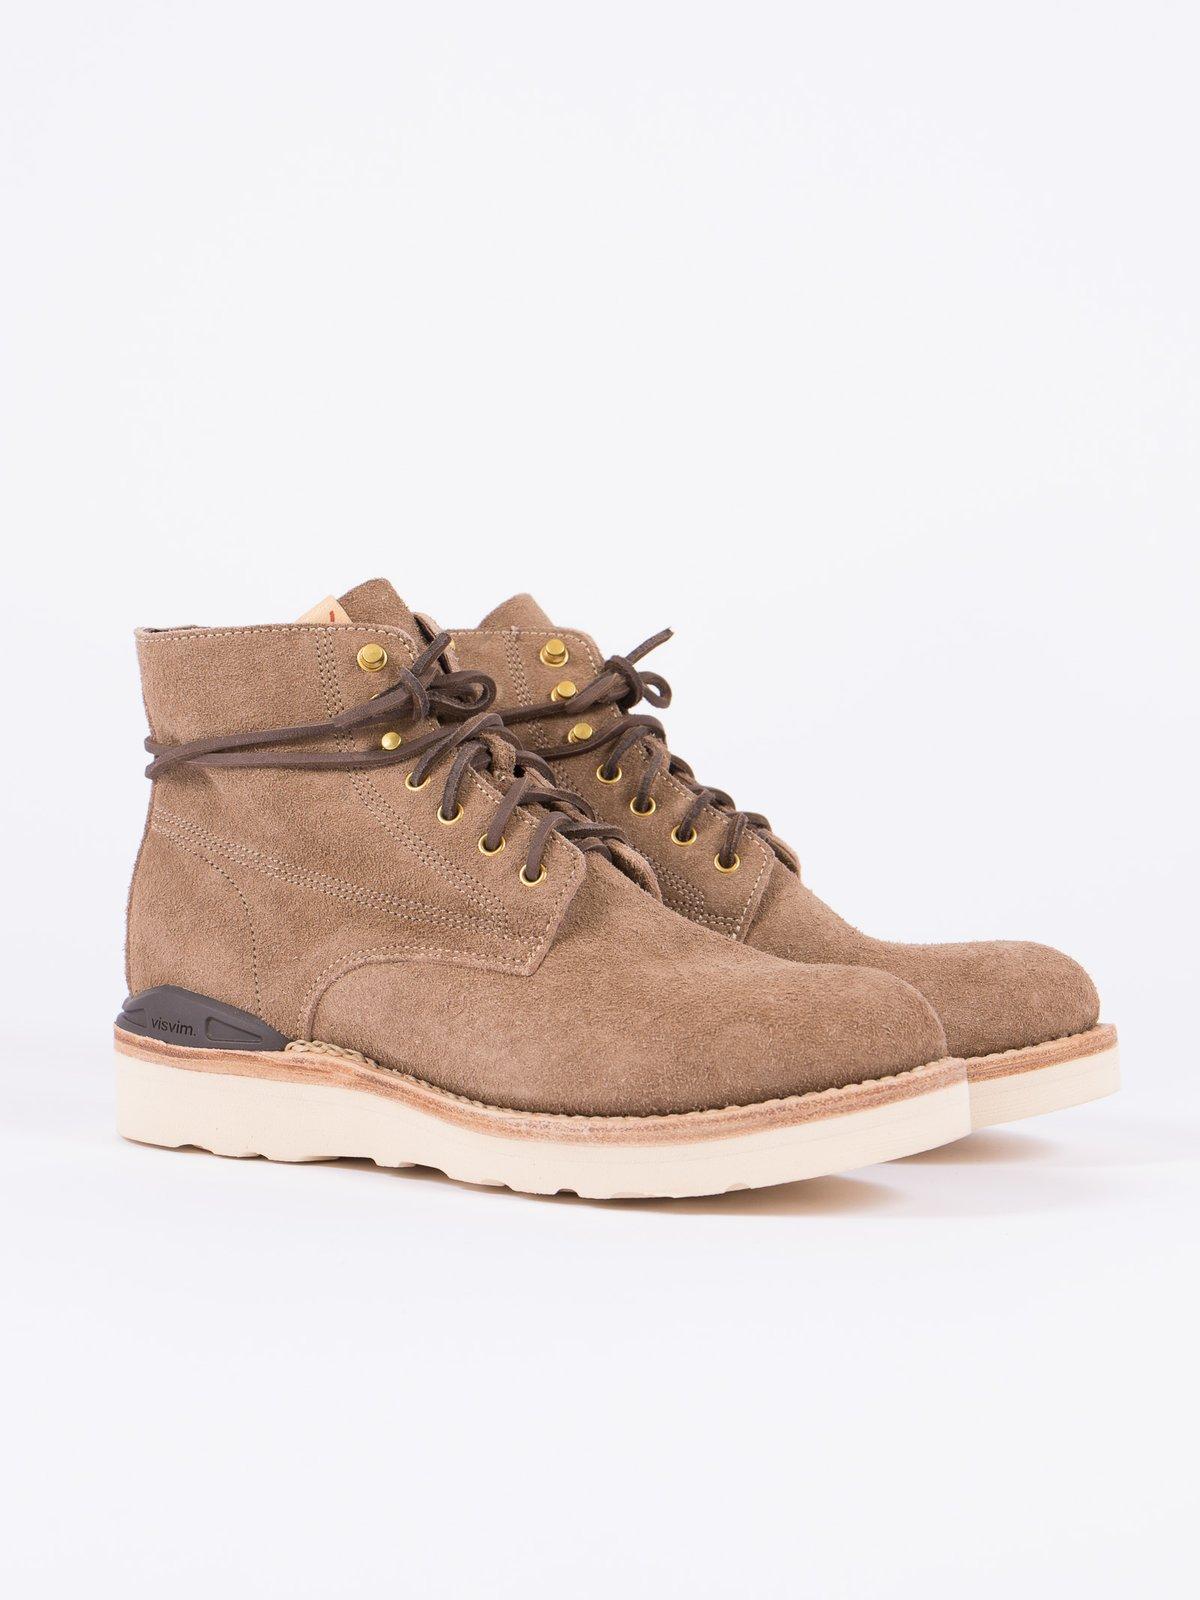 Sand Veg Suede Virgil Boots–Folk - Image 1